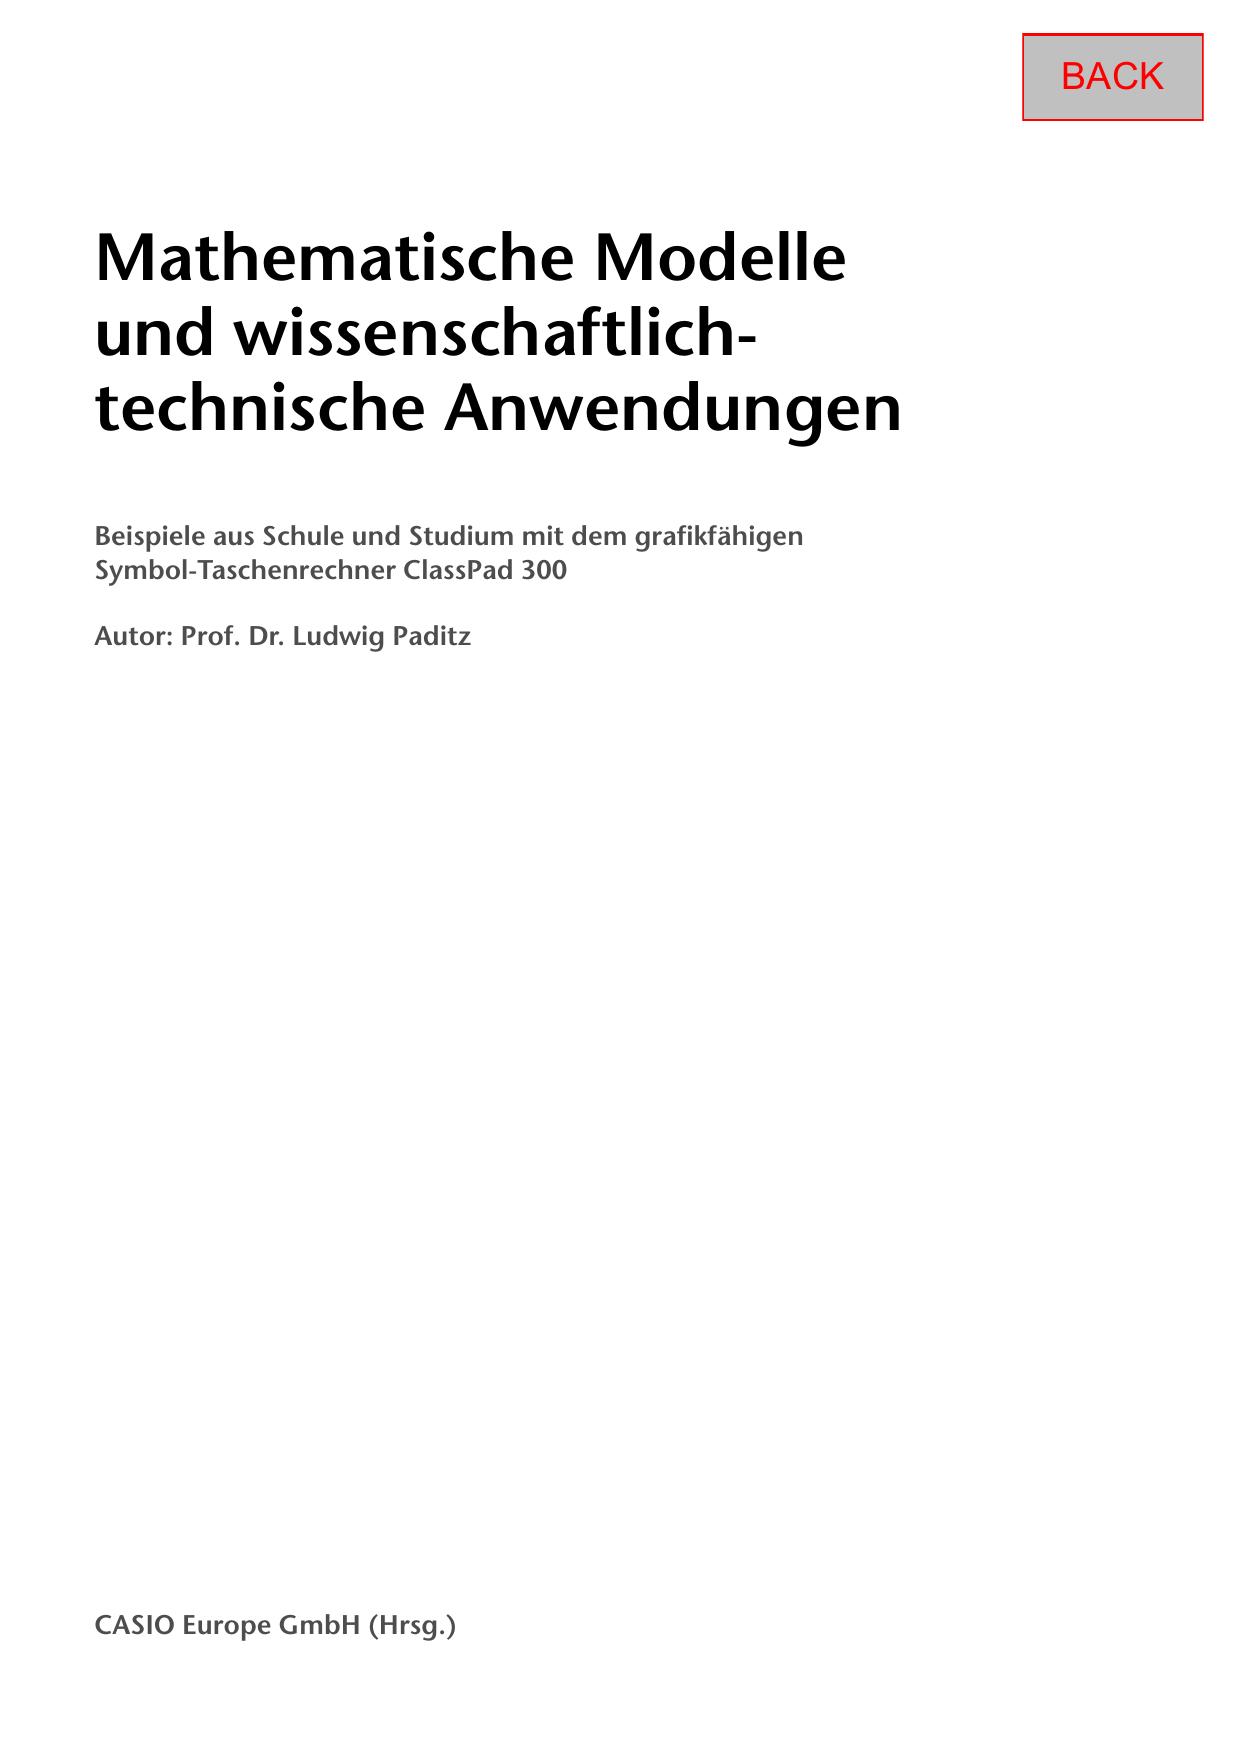 Mathematische Modelle und wissenschaftlich | manualzz.com